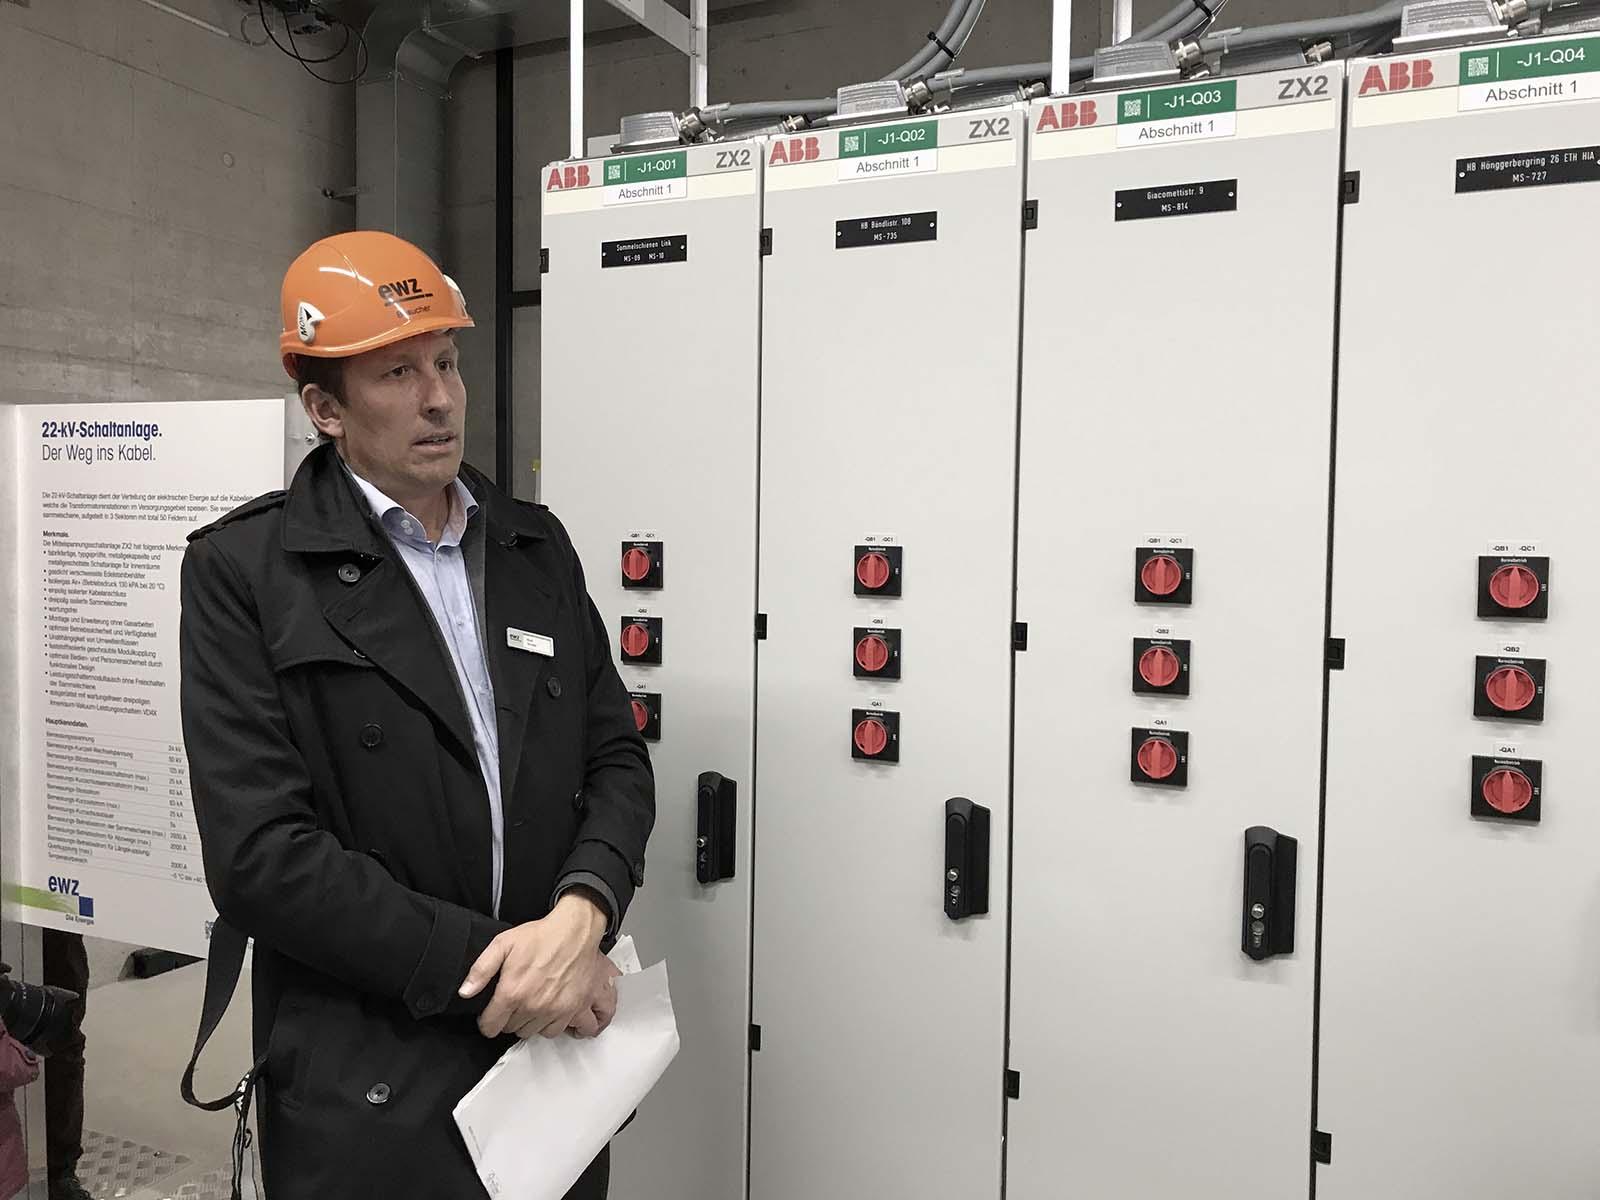 Rolf Studer, der Gesamtprojektleiter der Erneuerung vom ewz Unterwerk Hönggerberg, führte durch den Rundgang.